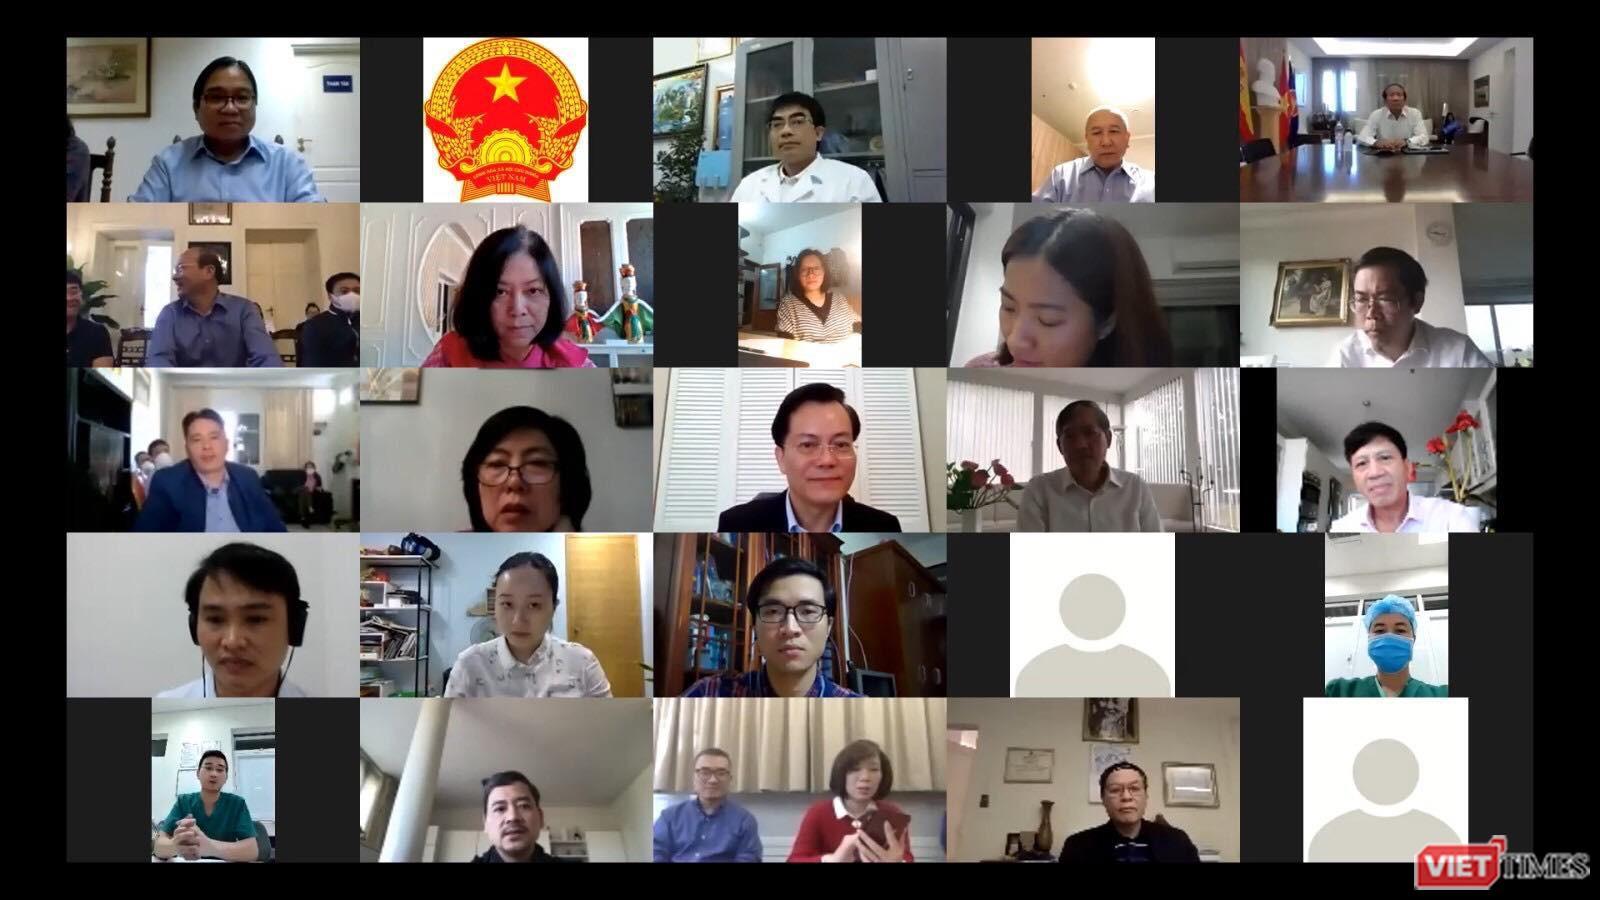 Nhóm bác sĩ trẻ tình nguyện hỗ trợ từ xa cho 26 cơ quan ngoại giao Việt Nam ở nước ngoài chống dịch Ảnh 1